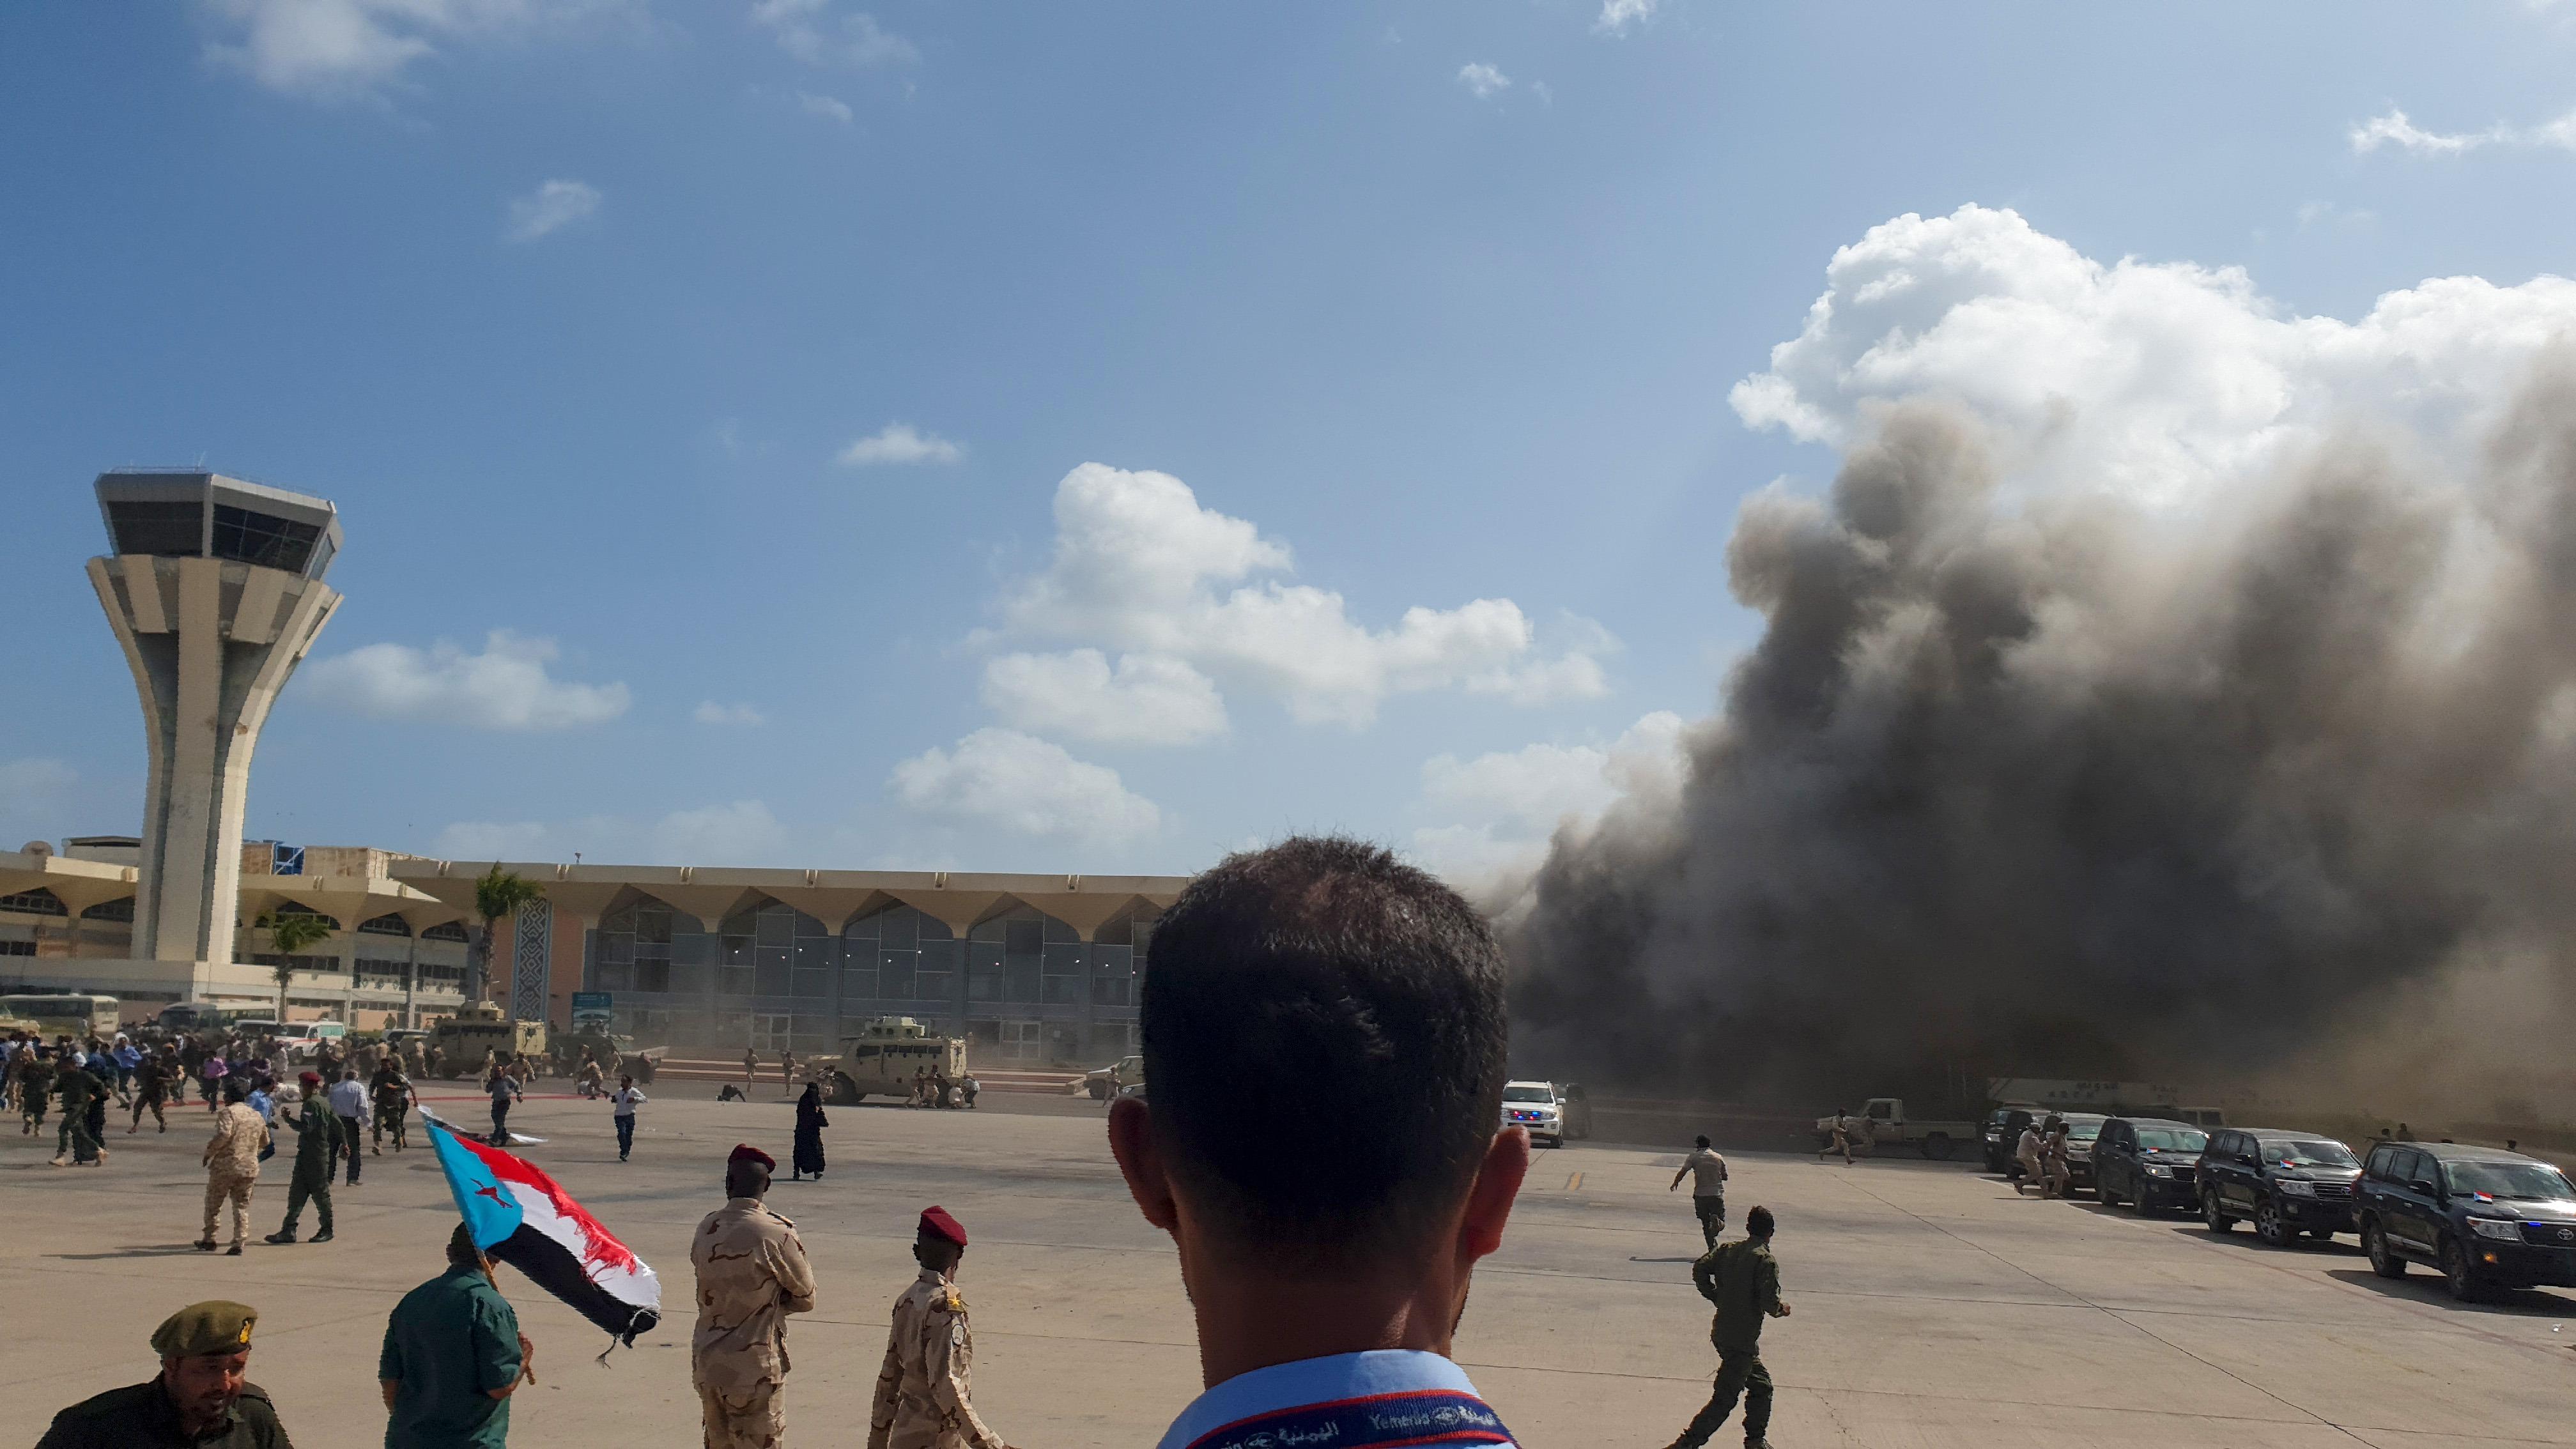 Al menos dos explosiones se produjeron cuando el avión aterrizó y los funcionarios comenzaban a salir de su interior.